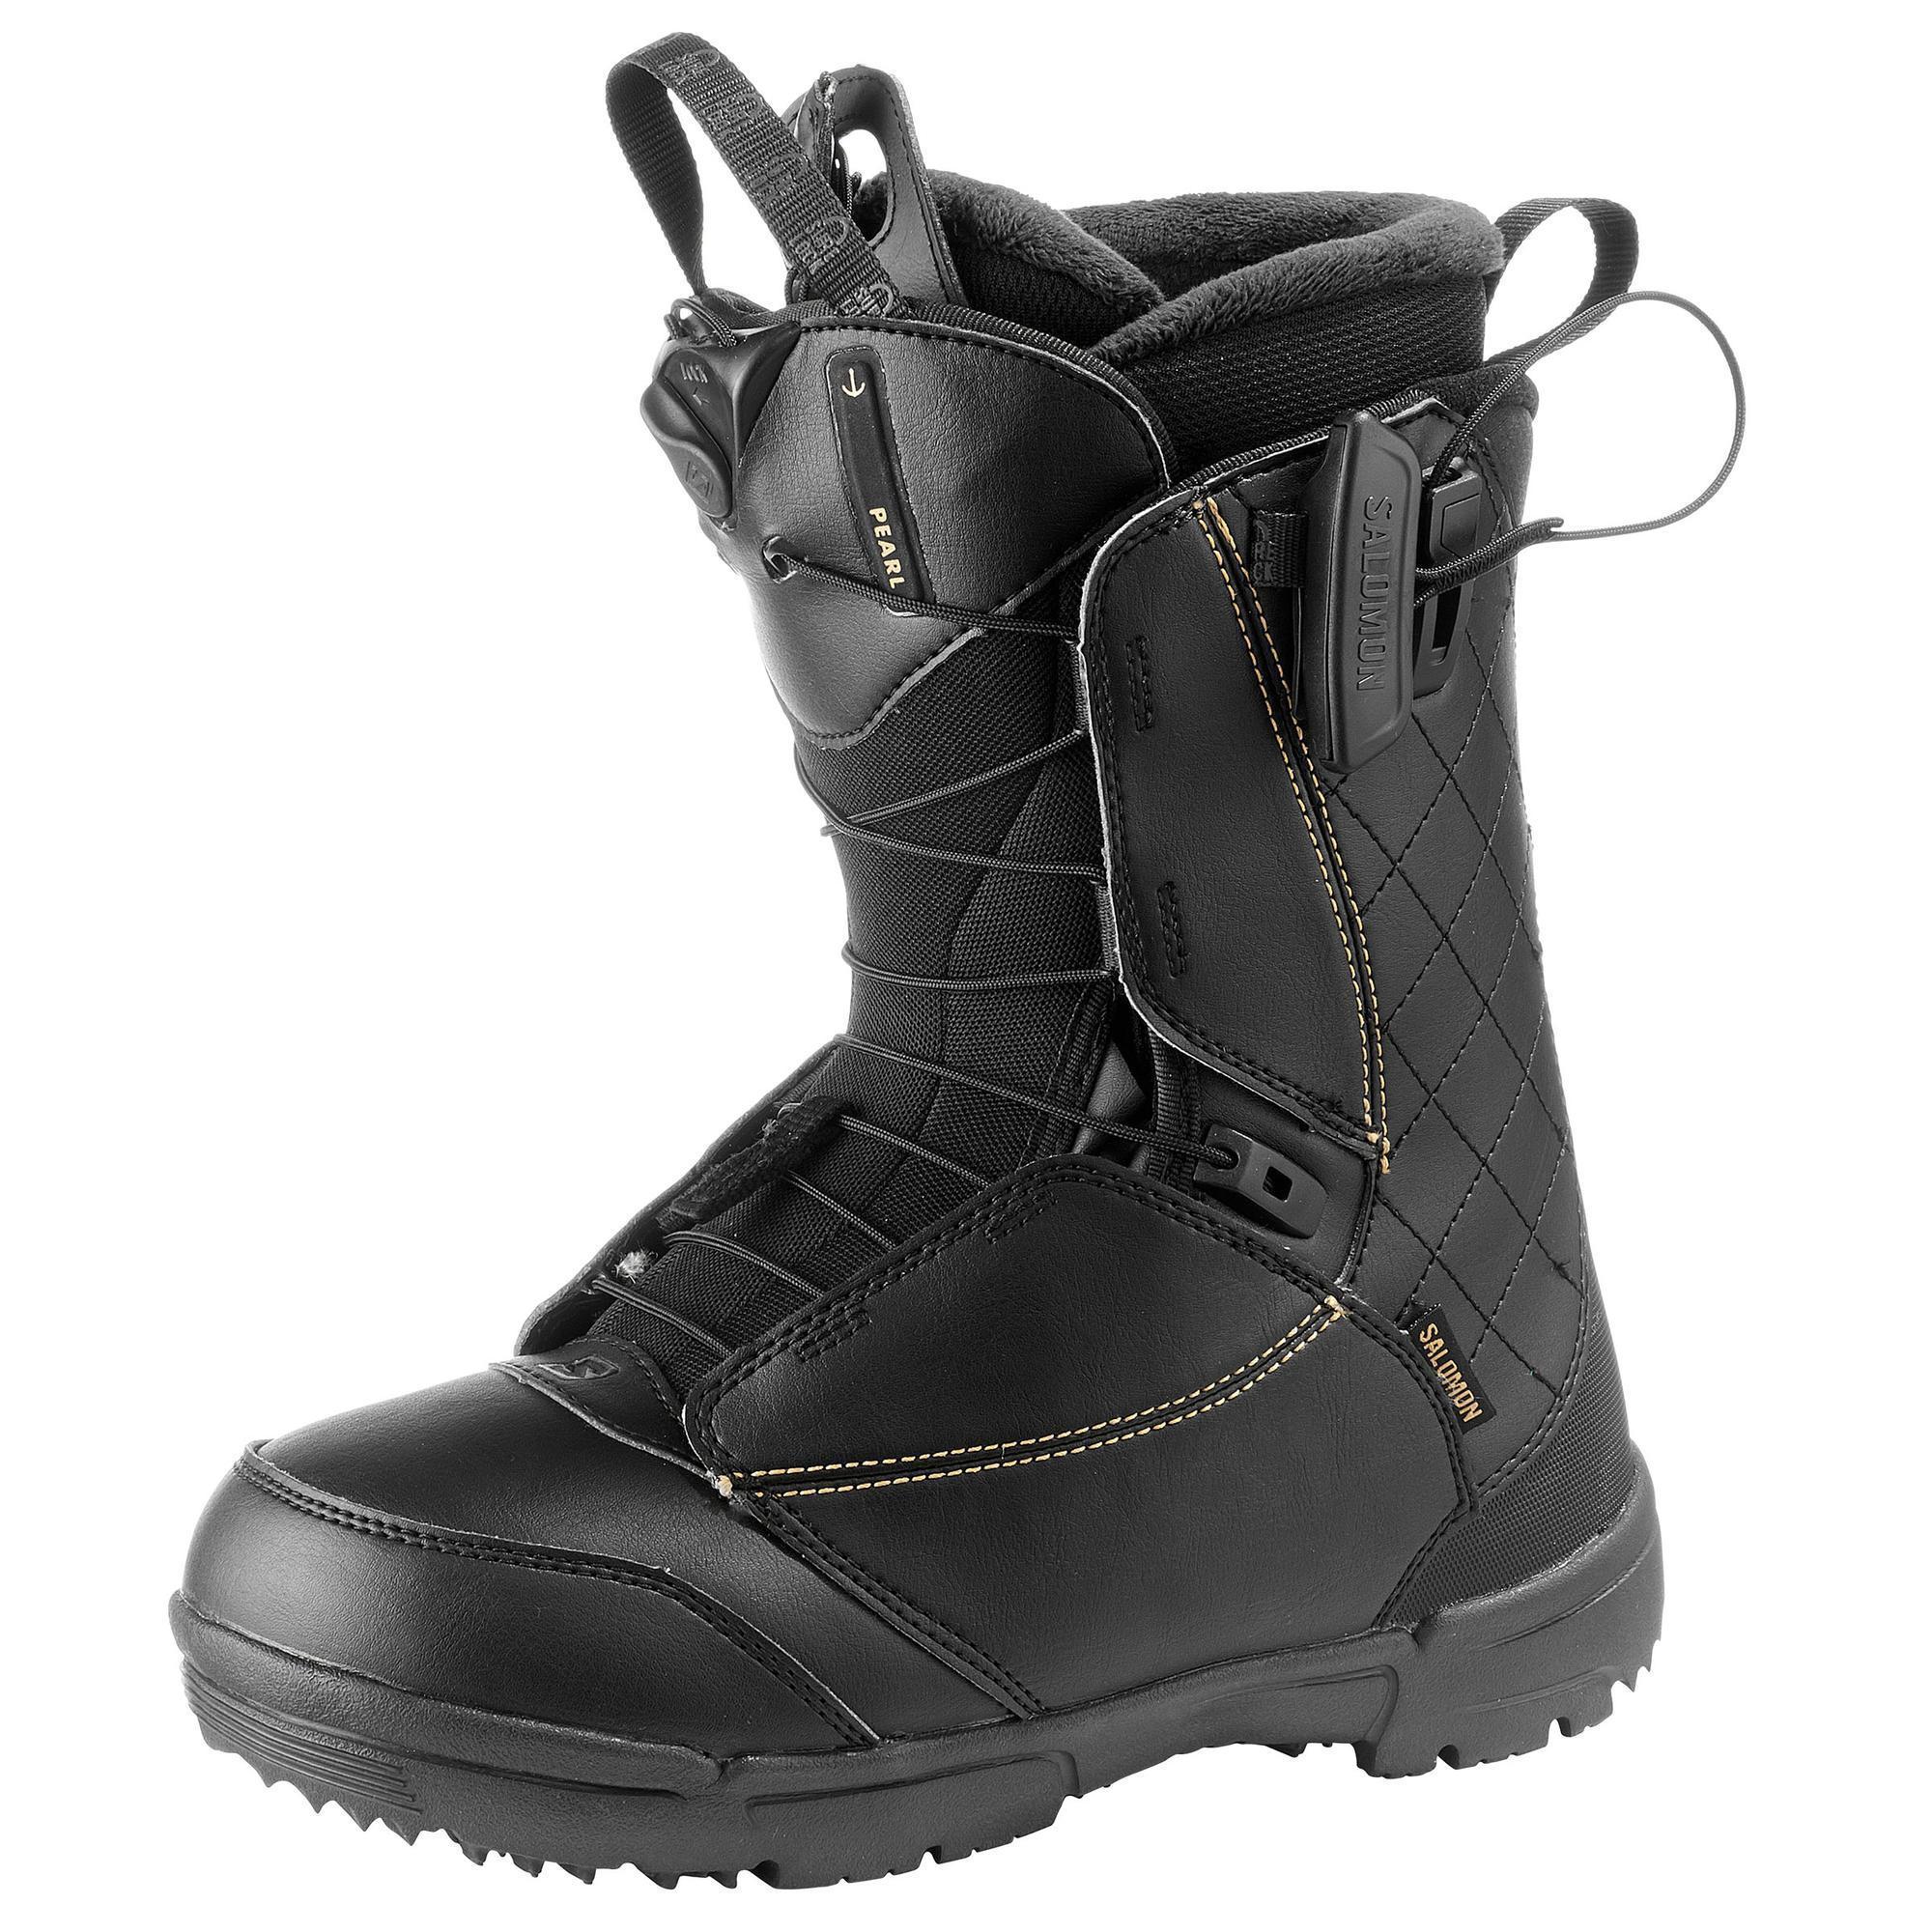 09740aae135 Comprar botas de Snowboard Online